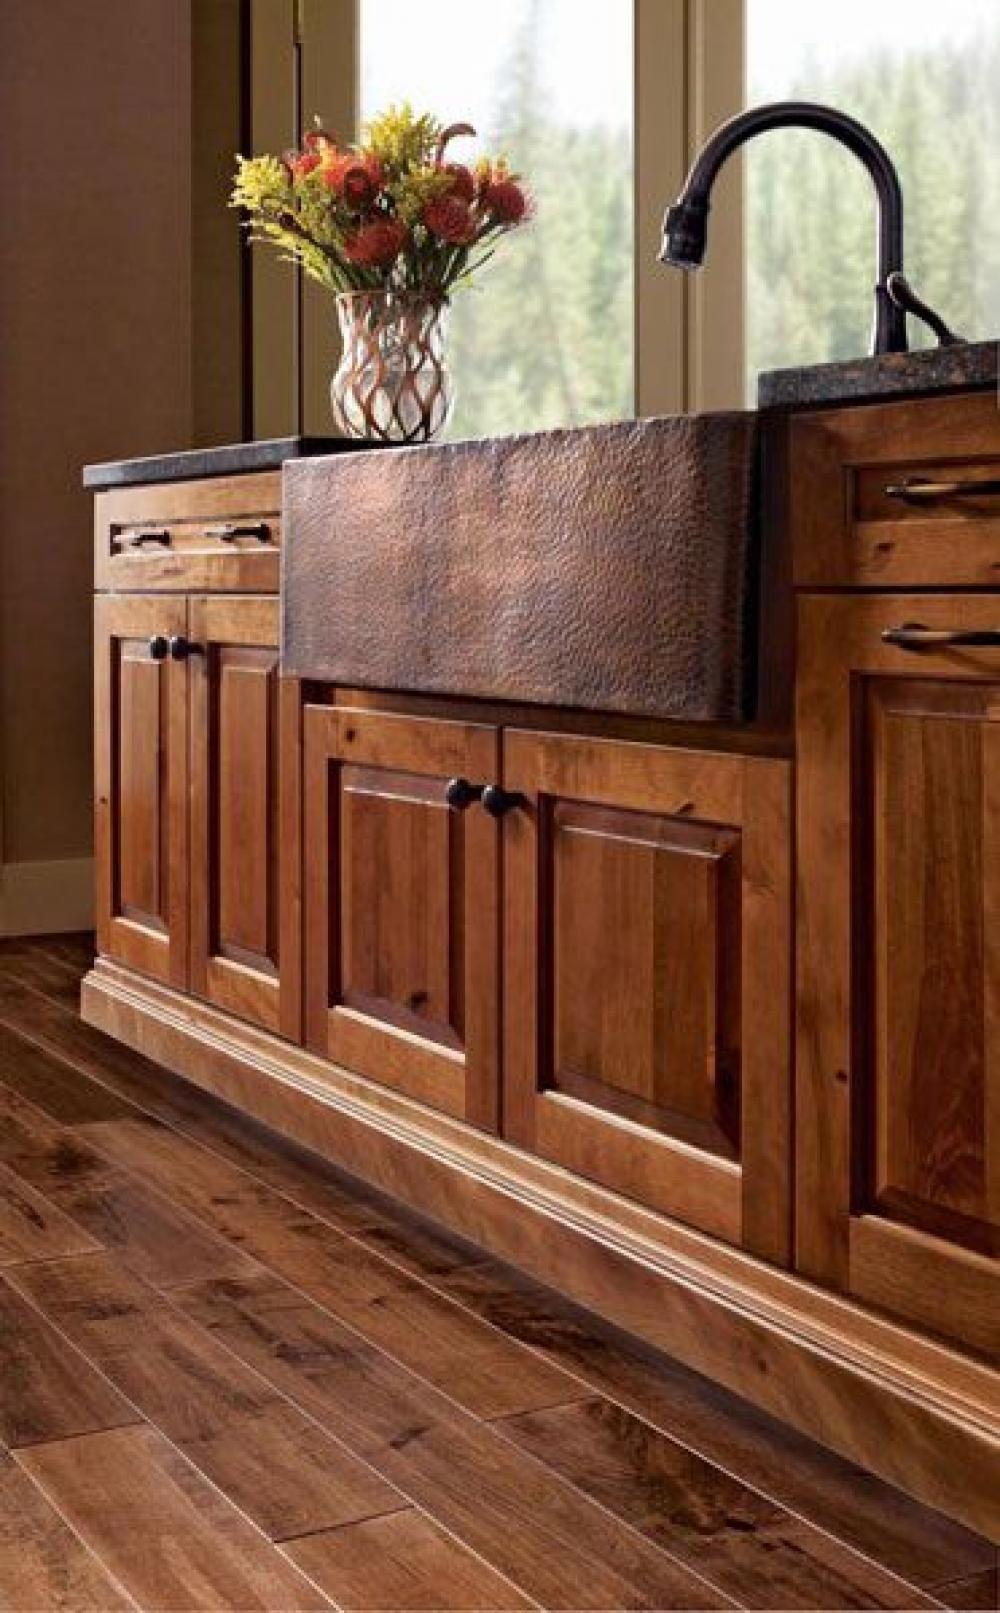 Knotty Alder Prevo Cabinetry Rustic Kitchen Cabinets Rustic Kitchen Kitchen Remodel